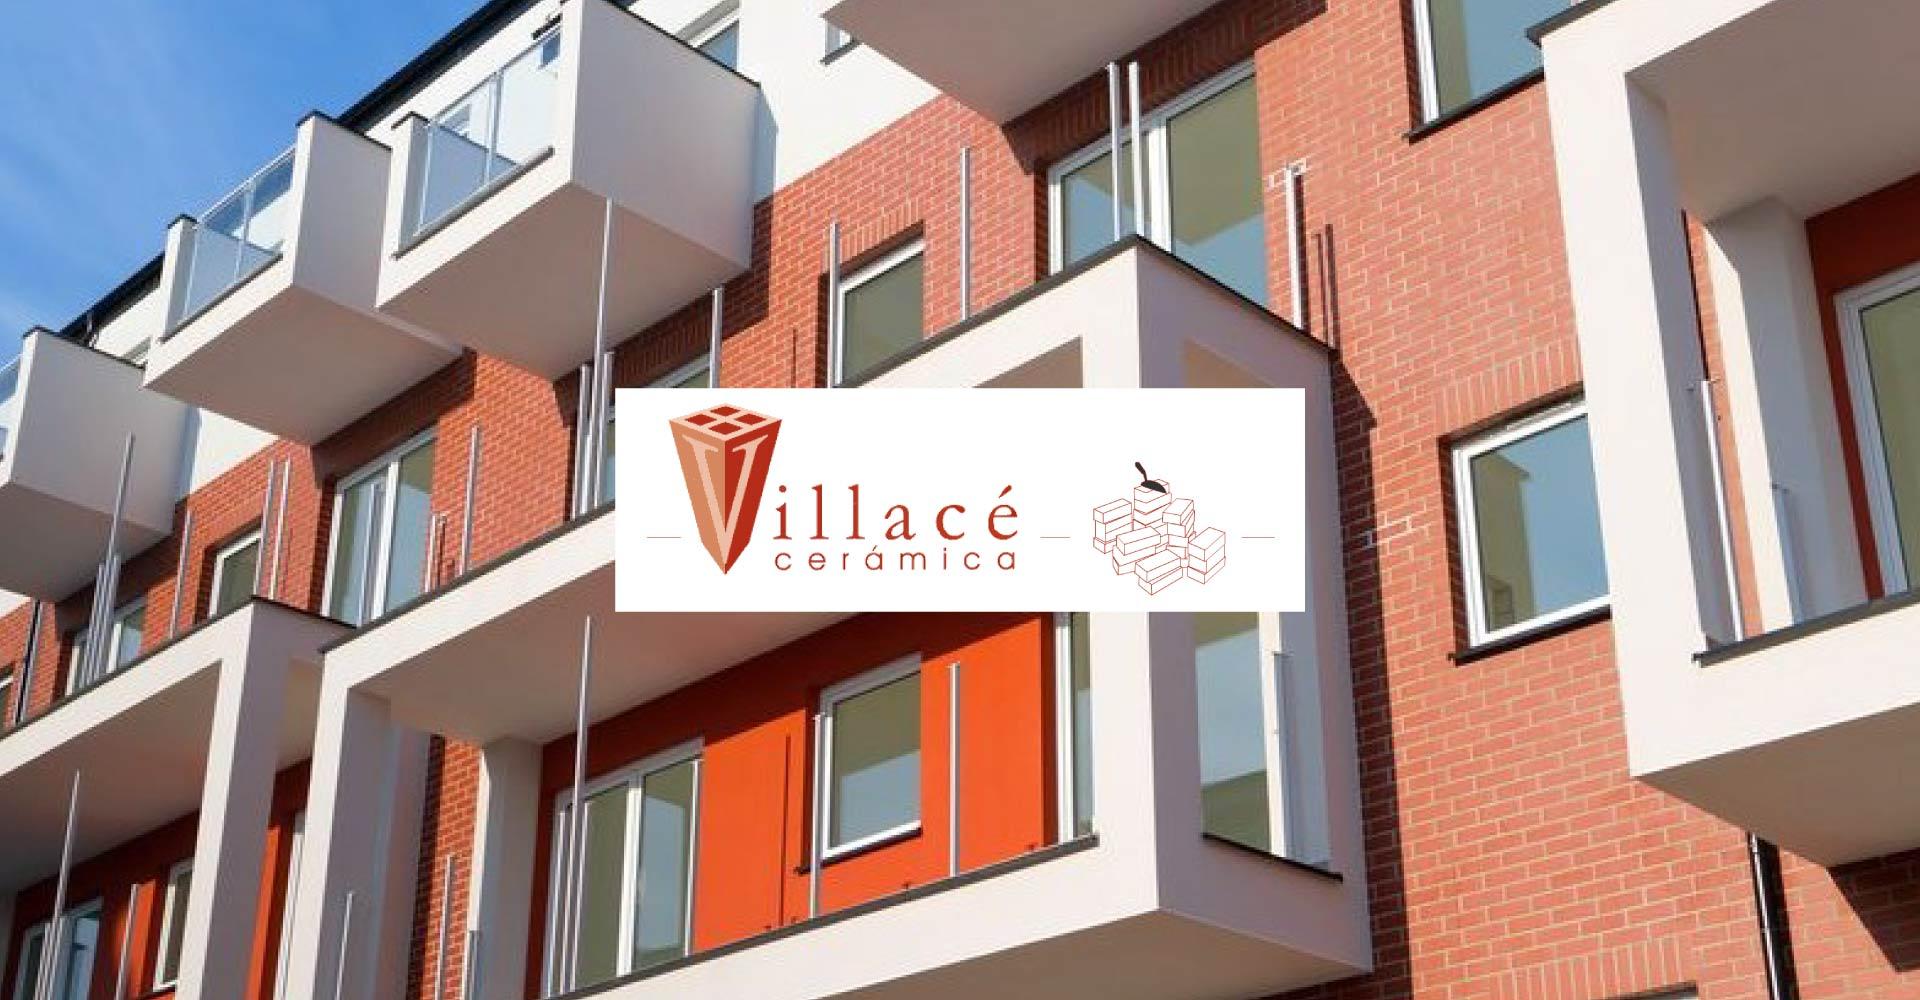 villace